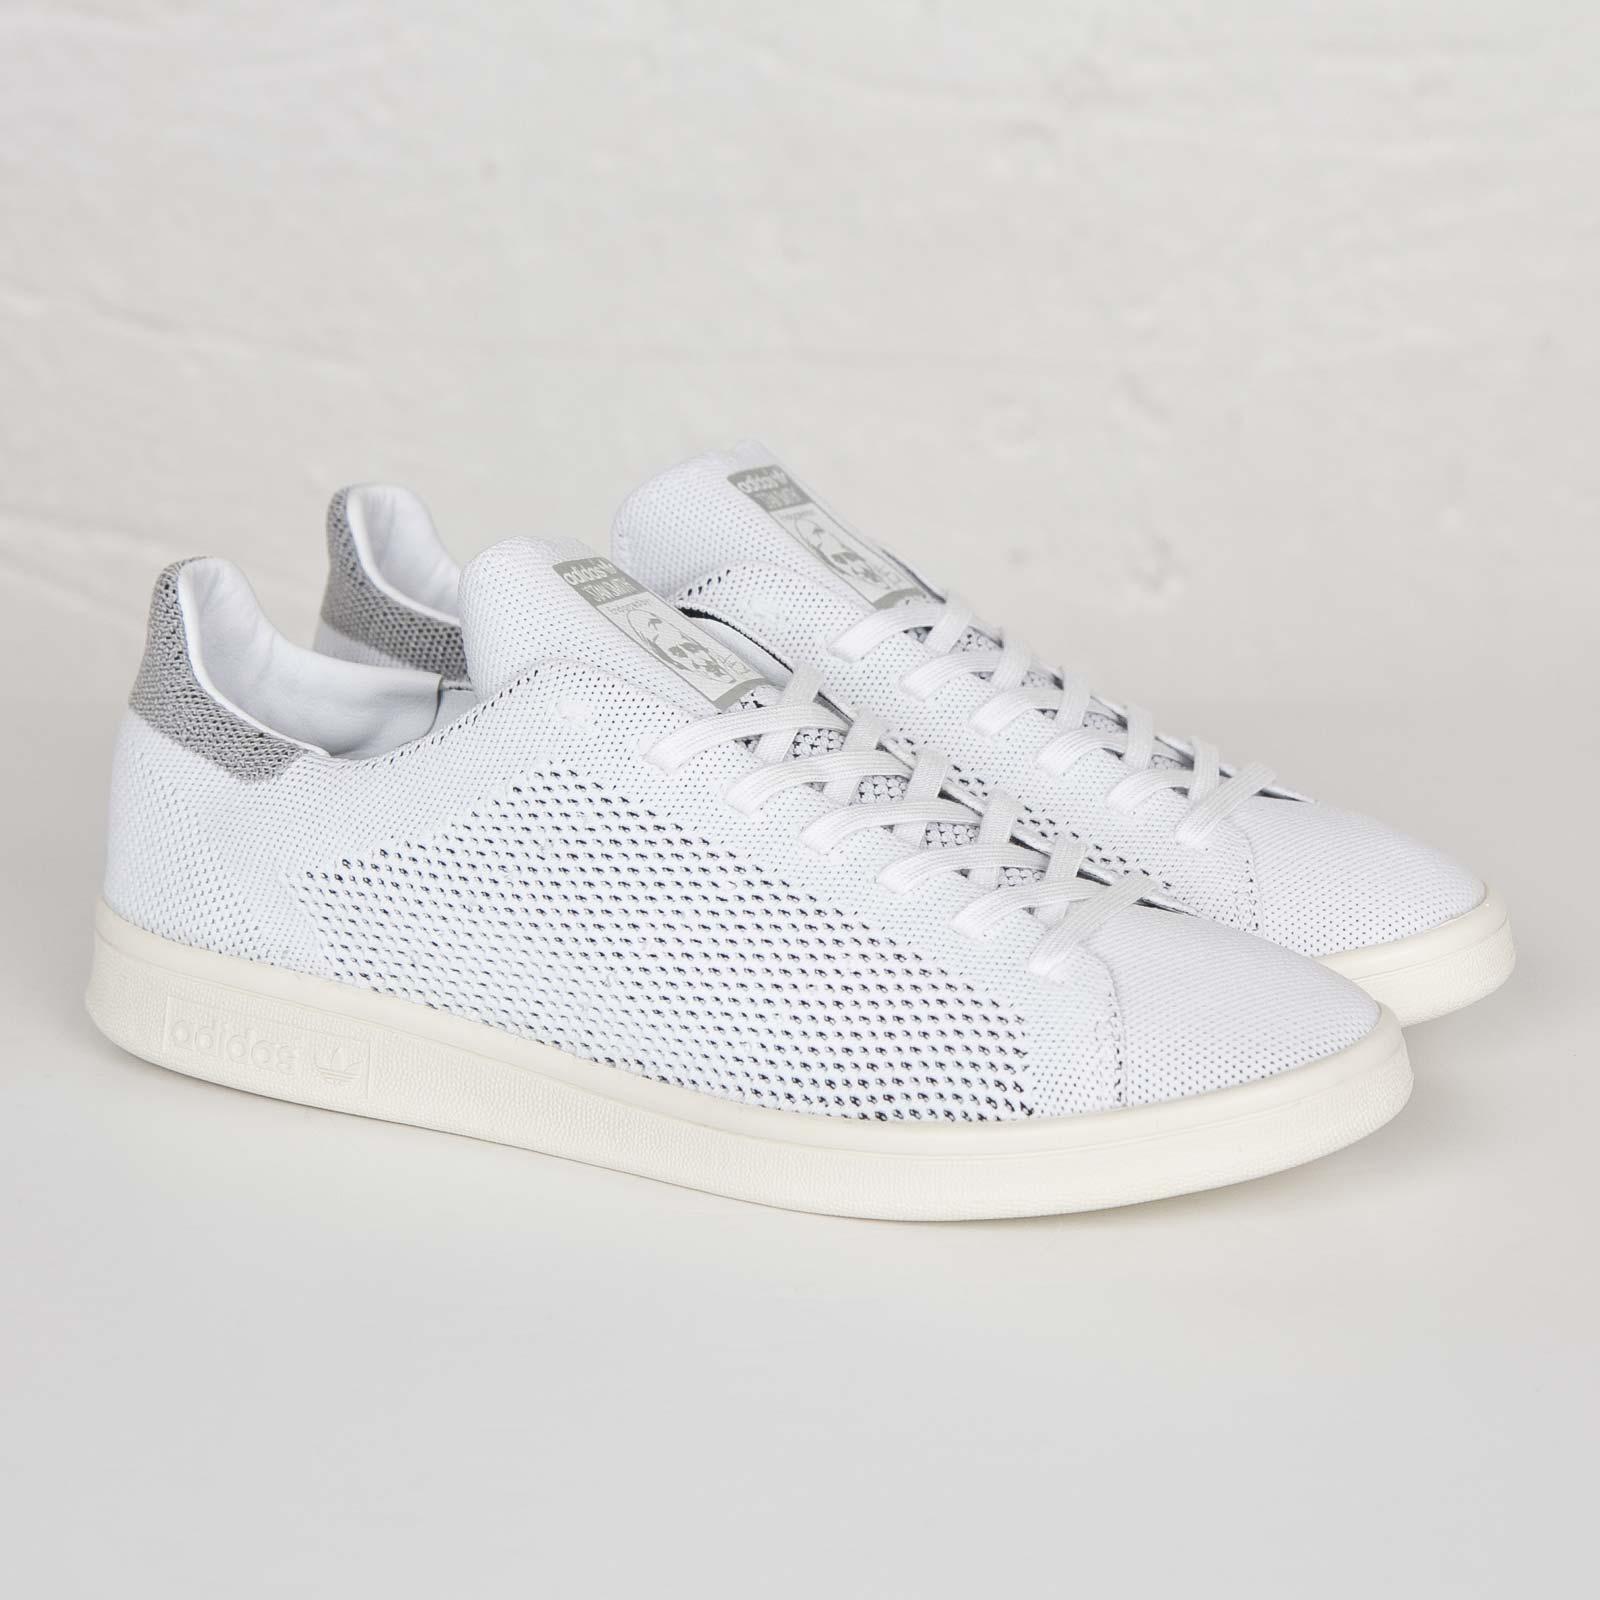 adidas stan smith primeknit af4150 sneakersnstuff. Black Bedroom Furniture Sets. Home Design Ideas